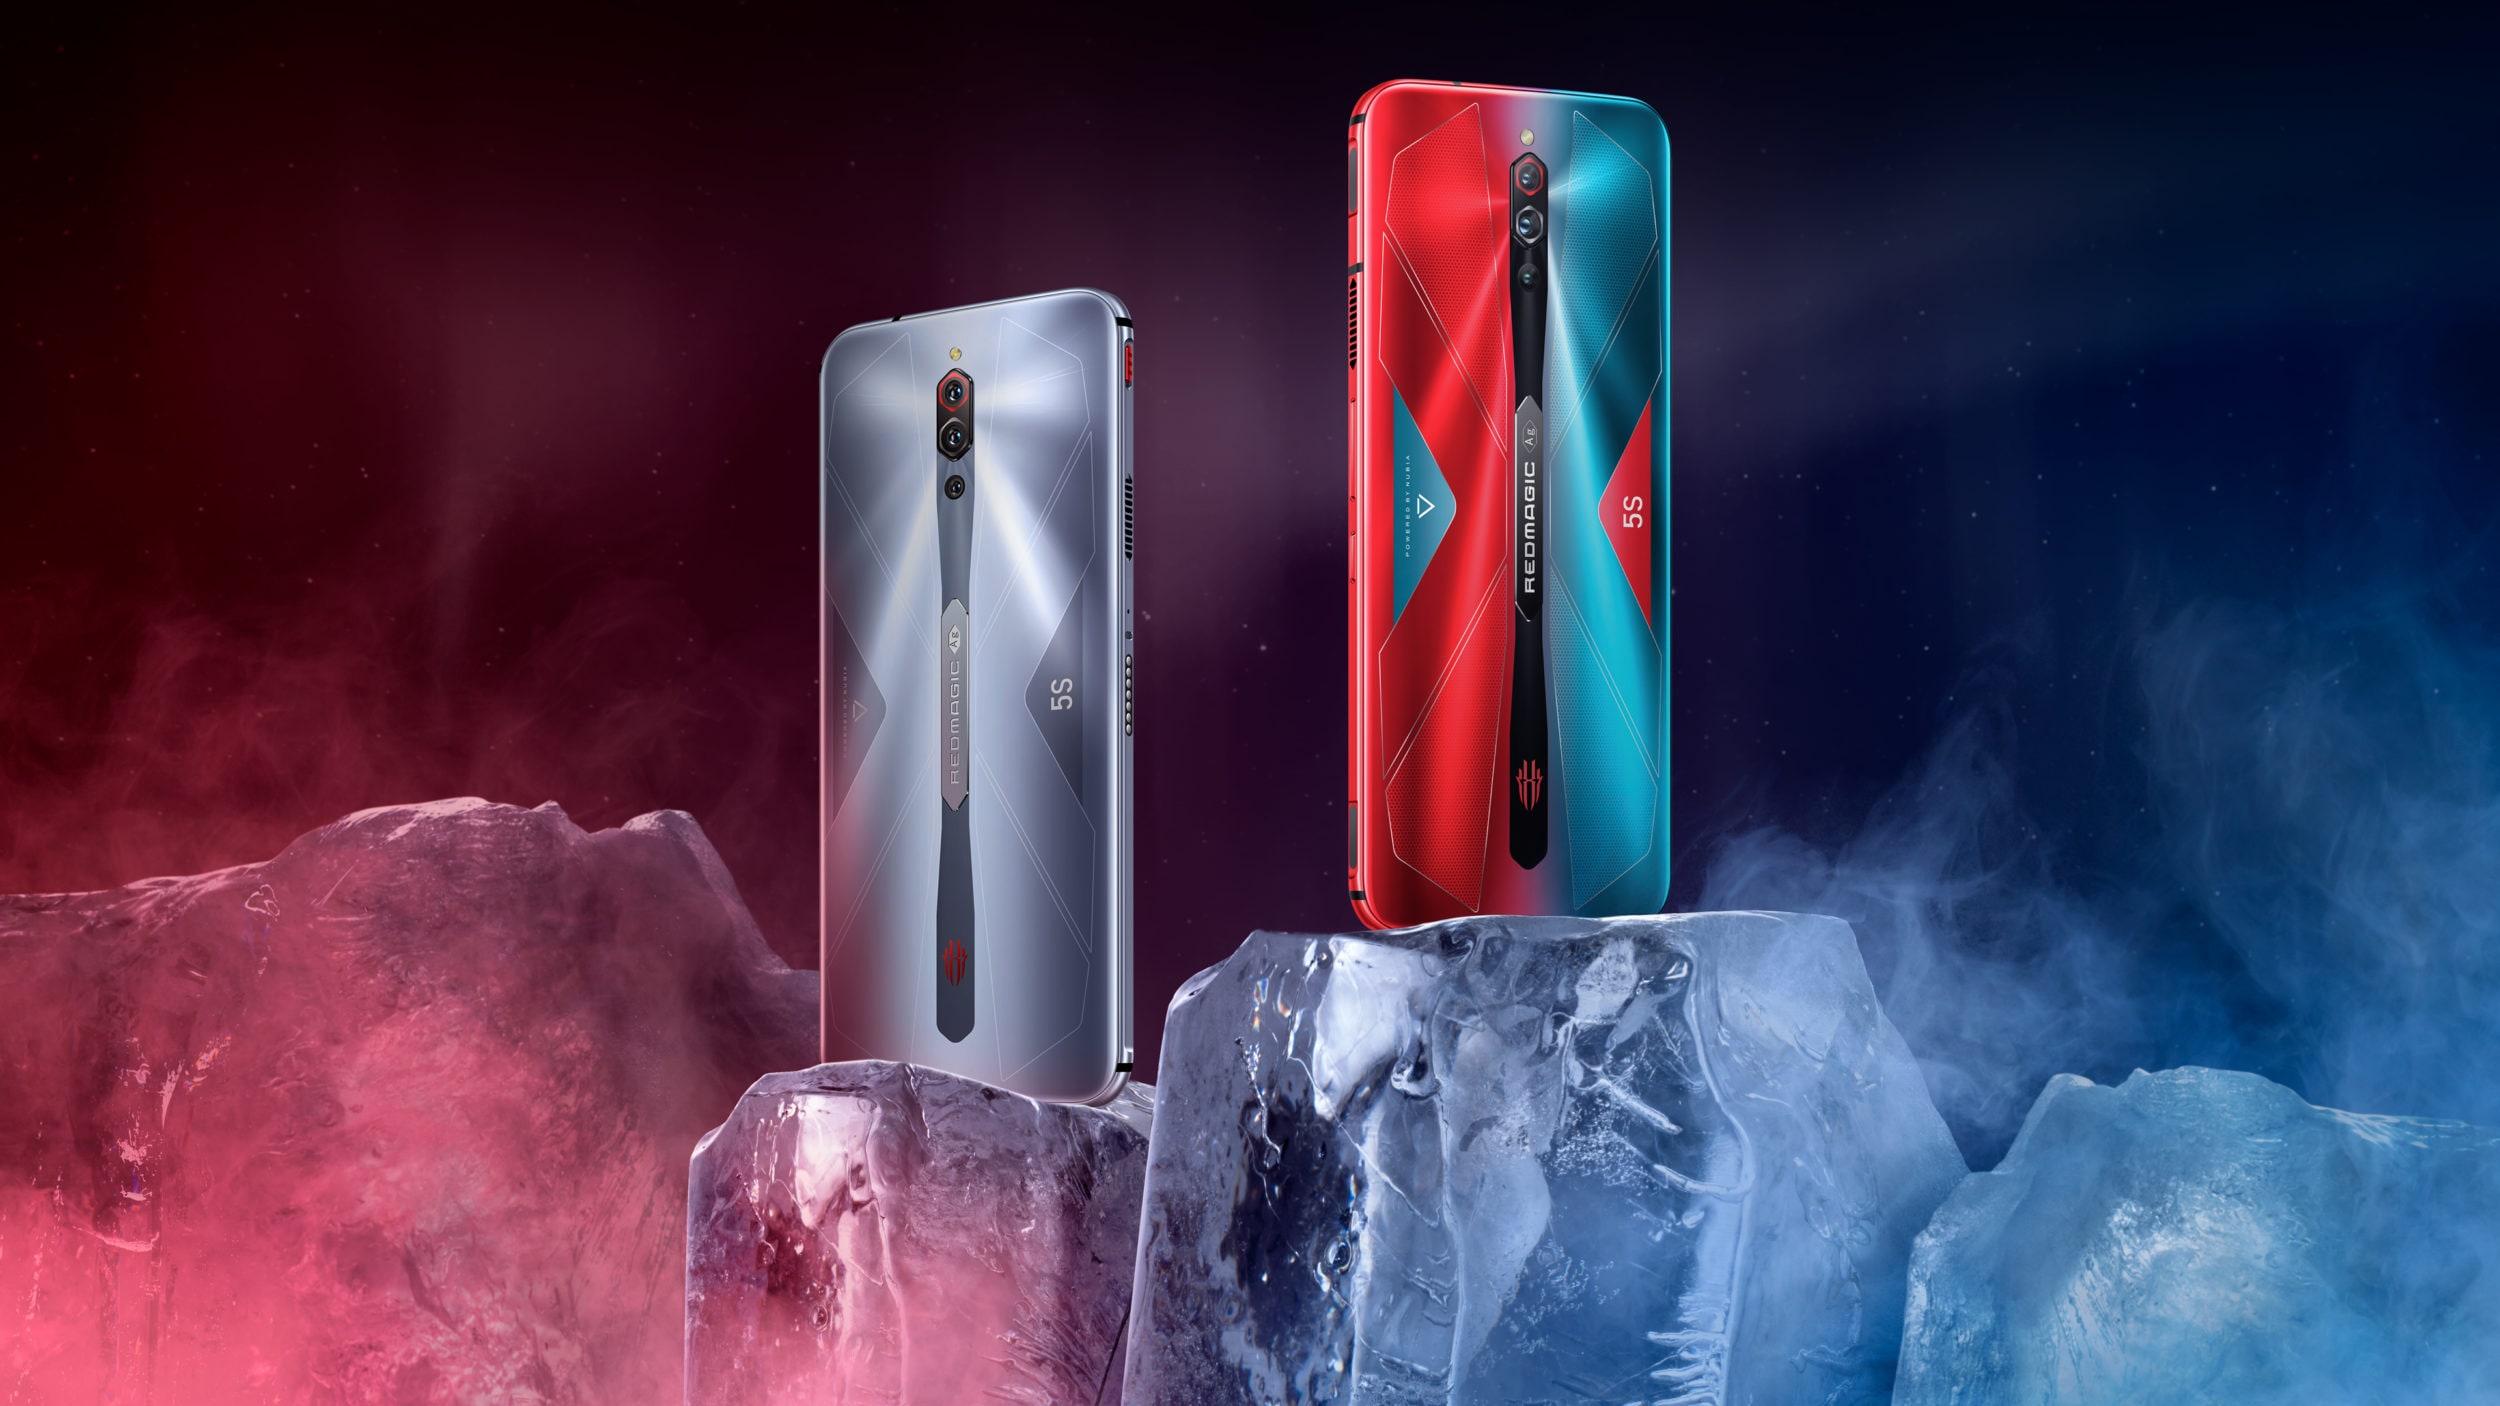 RedMagic 5S è ufficiale e getta il guanto di sfida ad ASUS e Lenovo: aperti i pre-ordini (aggiornato)